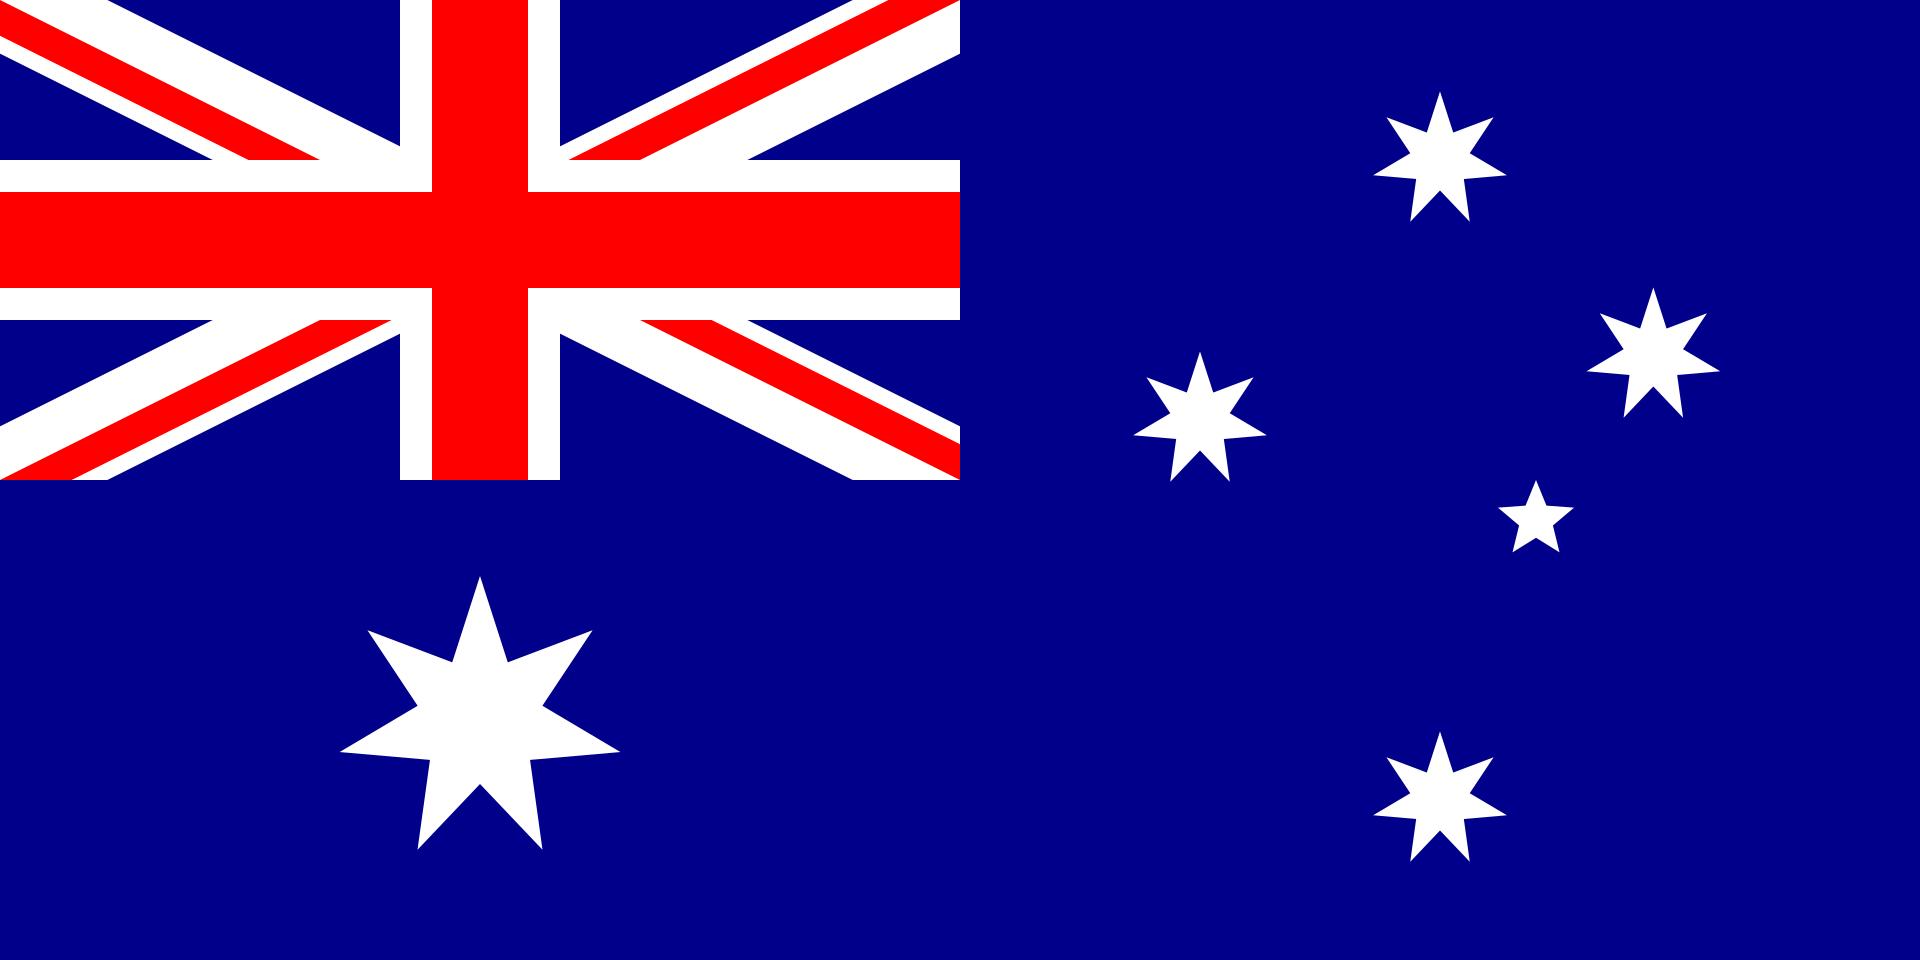 Australia Flaga - Liczba skoczni w grze Deluxe Ski Jump 4 rośnie [AKTUALNA LISTA]